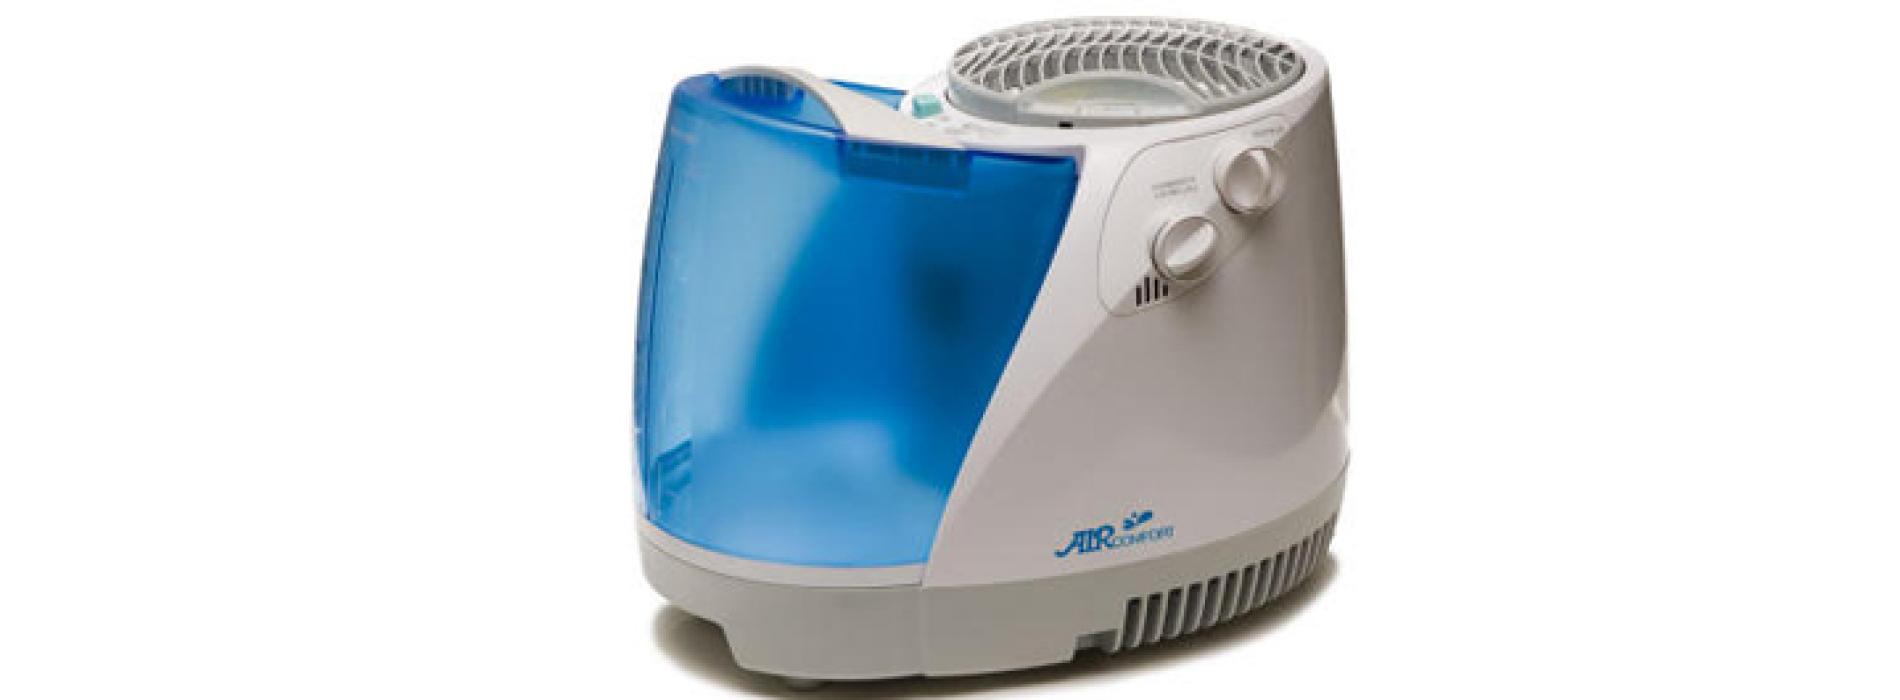 Ремонт увлажнителей, воздухоочистителей Air Comfort